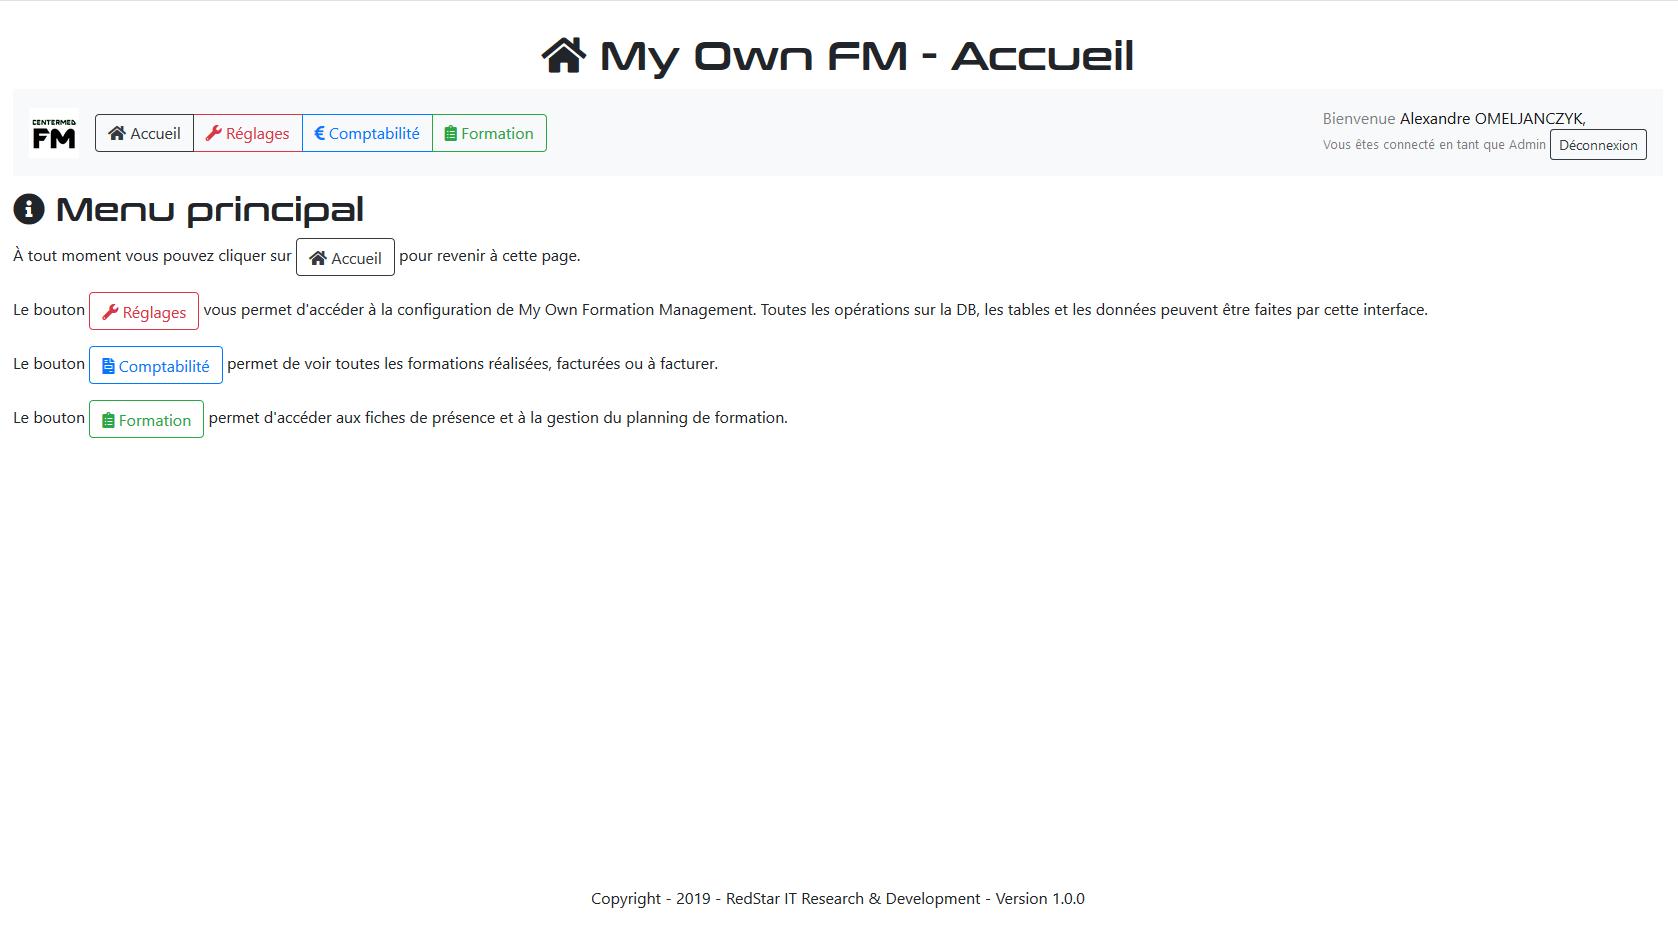 MyOwnFM